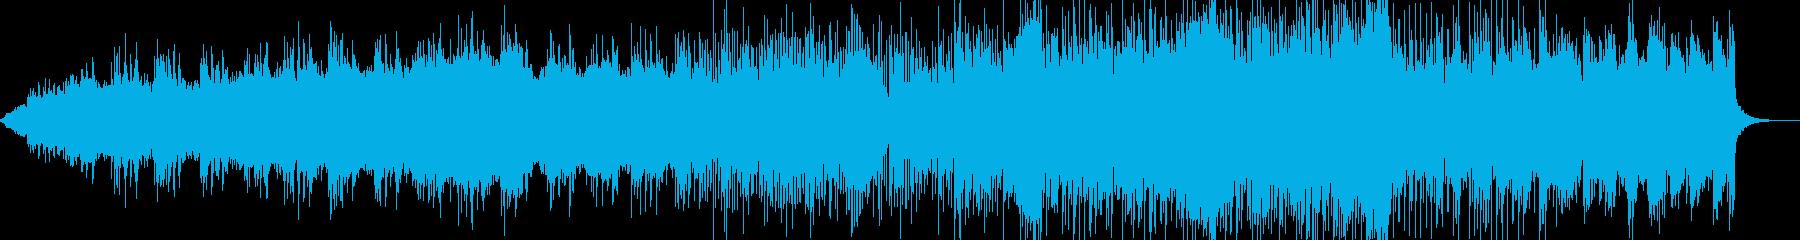 和風なBGM、大阪ビートの再生済みの波形